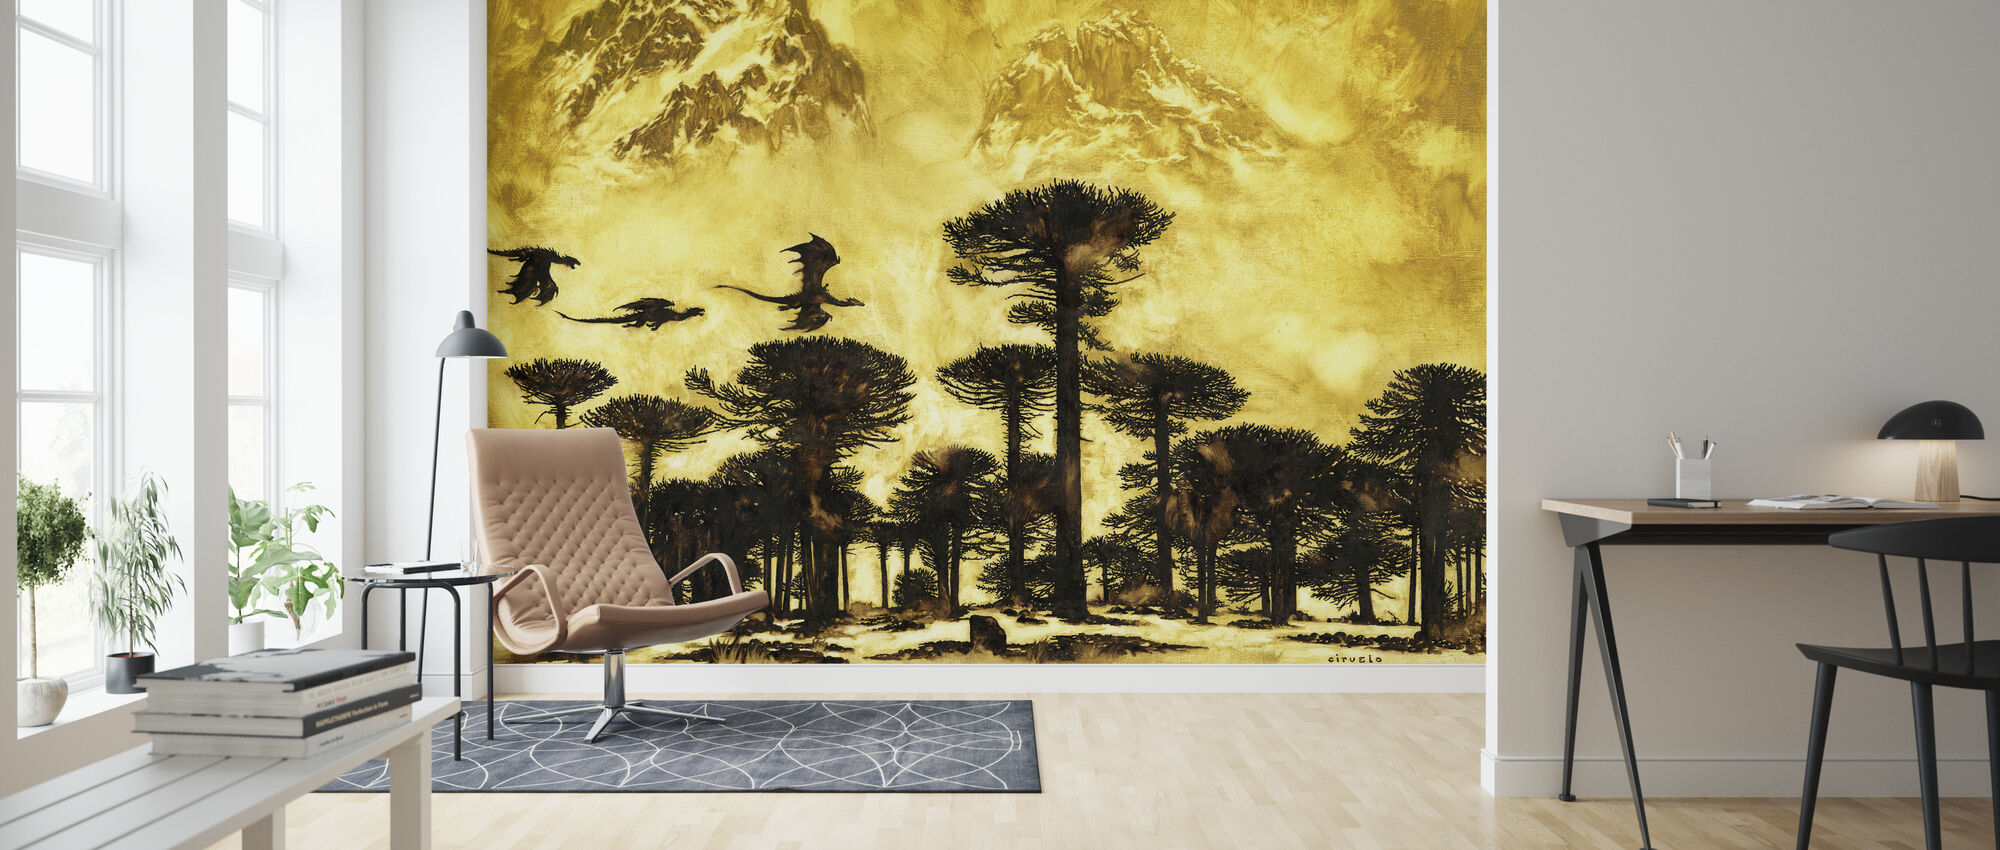 Persec - Wallpaper - Living Room